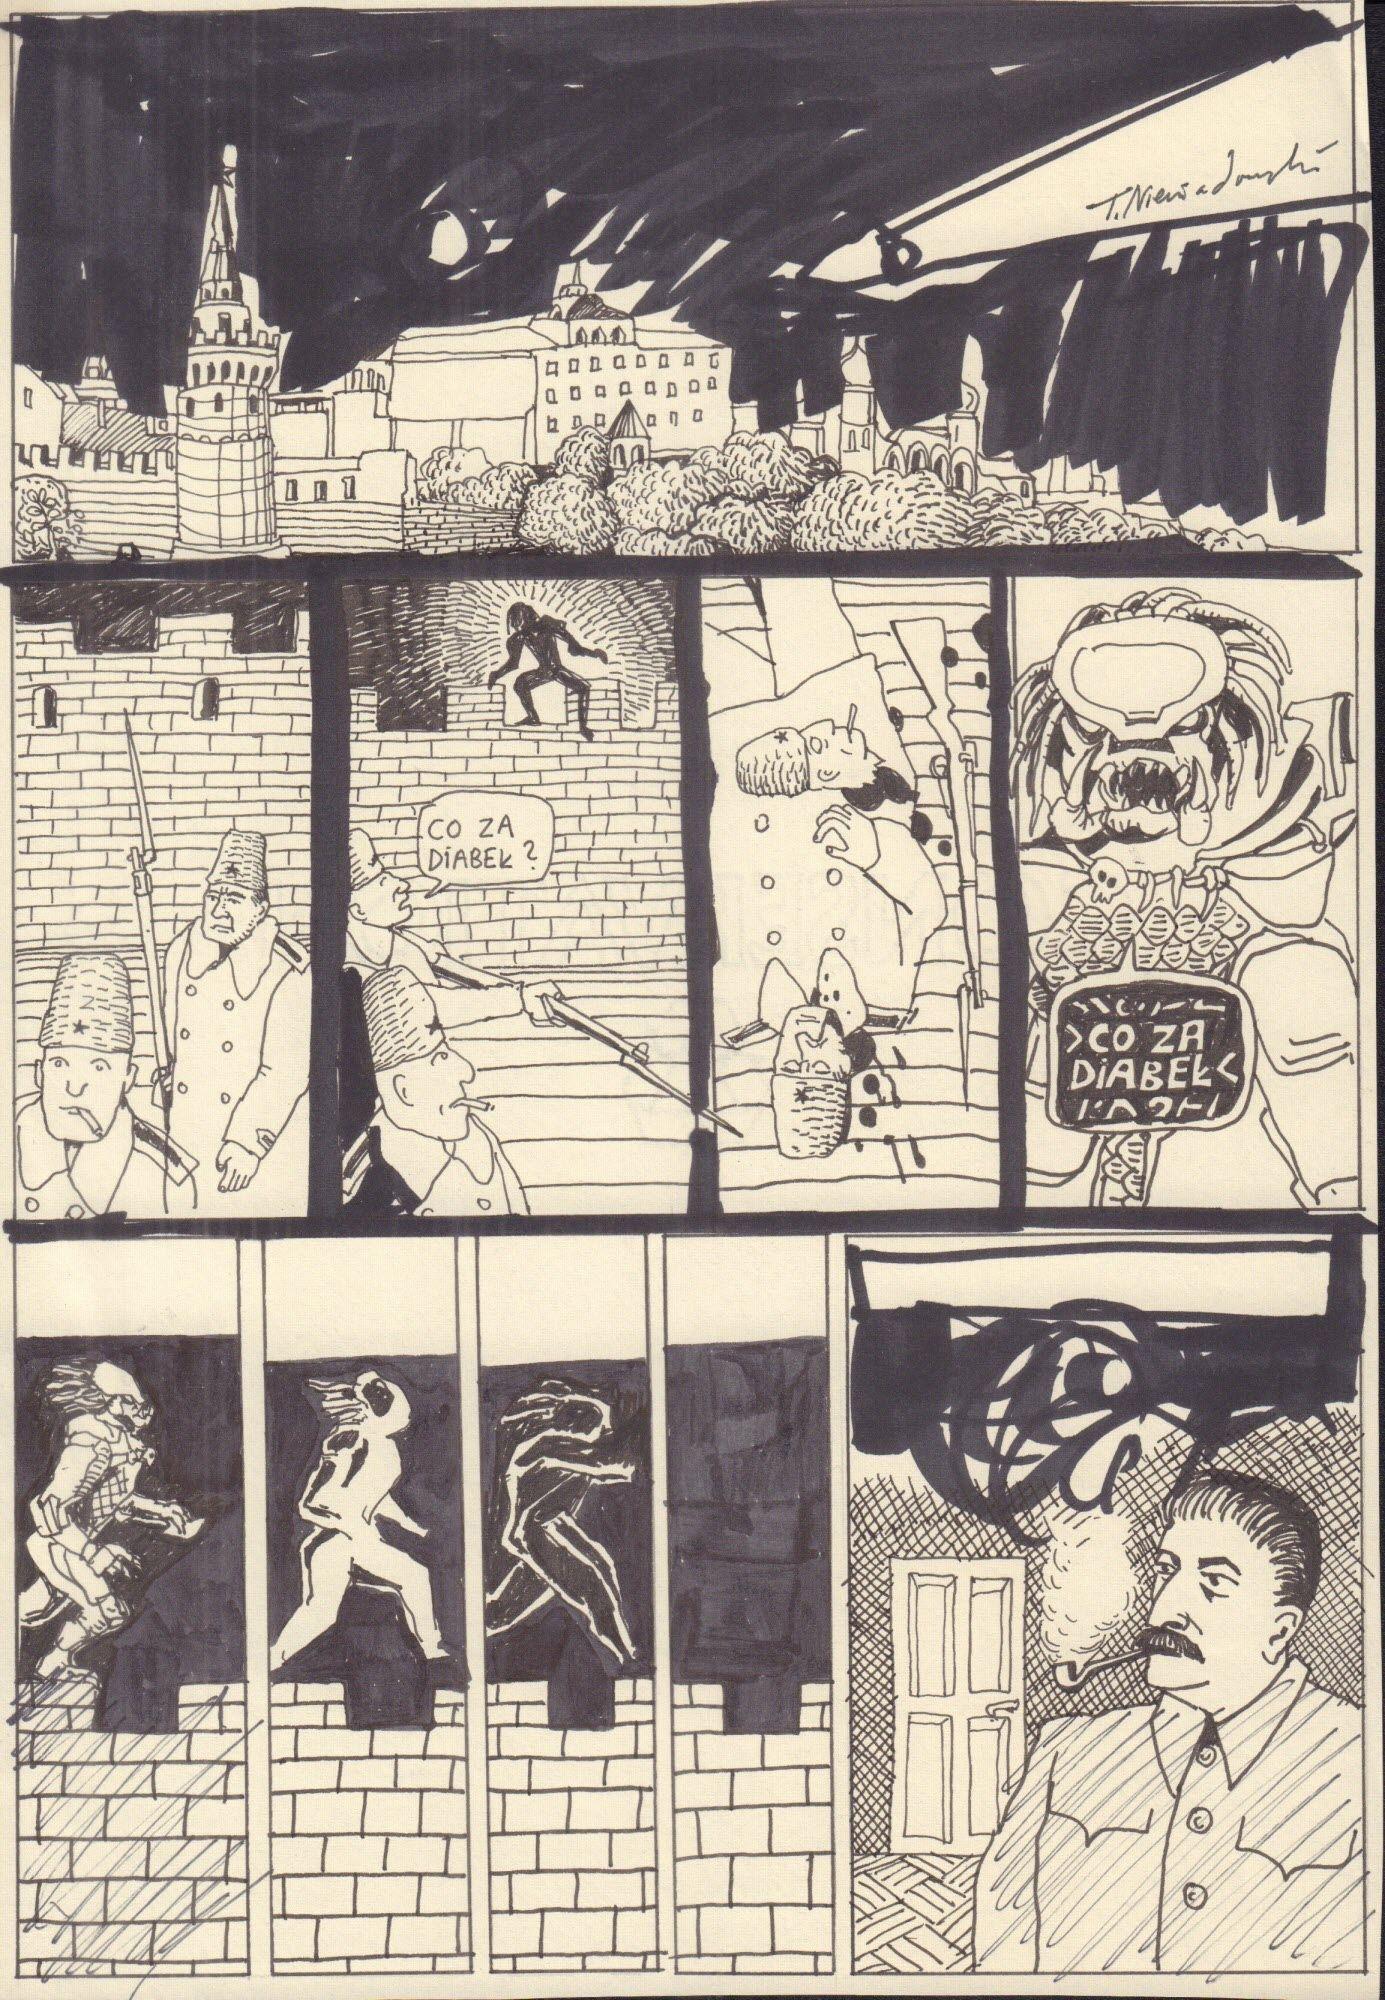 Ratman. O obrotach dział niebieskich, s. 22